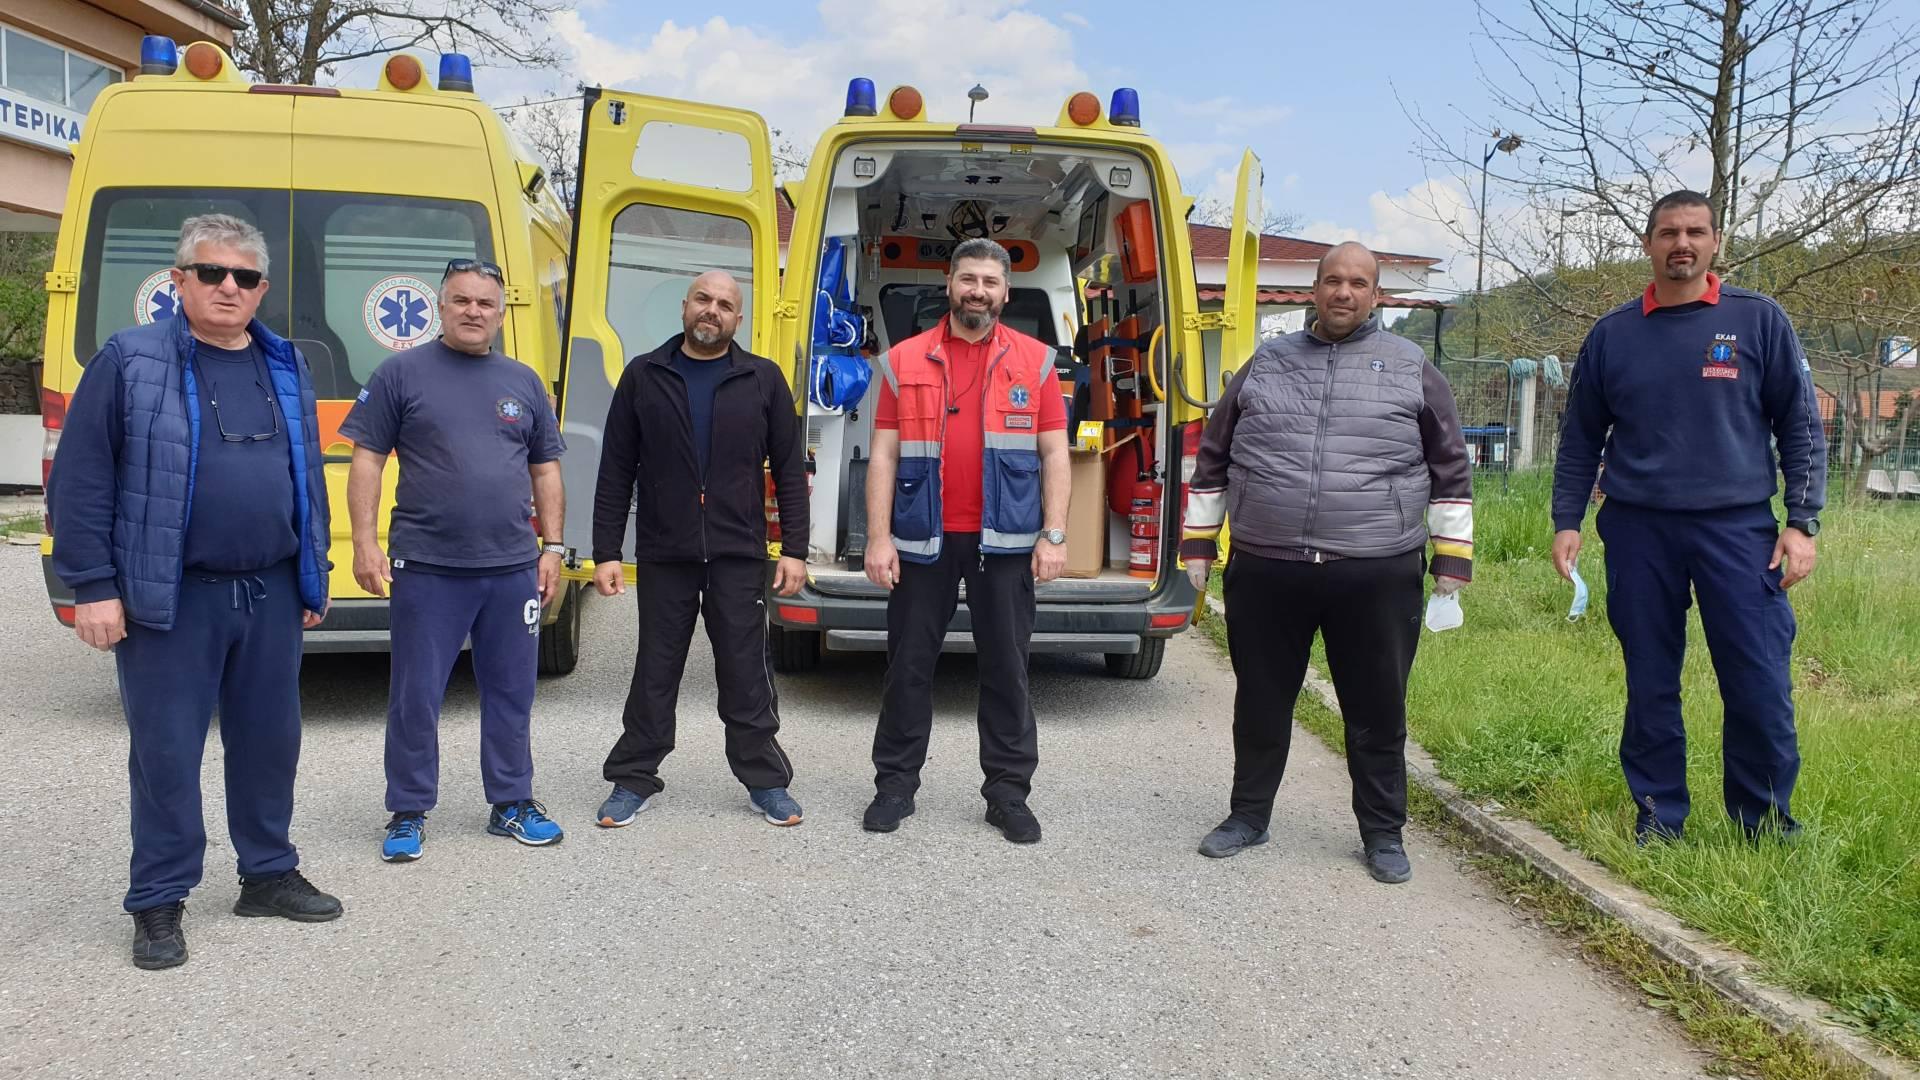 Υγειονομικό εξοπλισμό παρέδωσε στους εργαζομένους του ΕΚΑΒ Γρεβενών ο Αντιπεριφερειάρχης Γιάννης Γιάτσιος